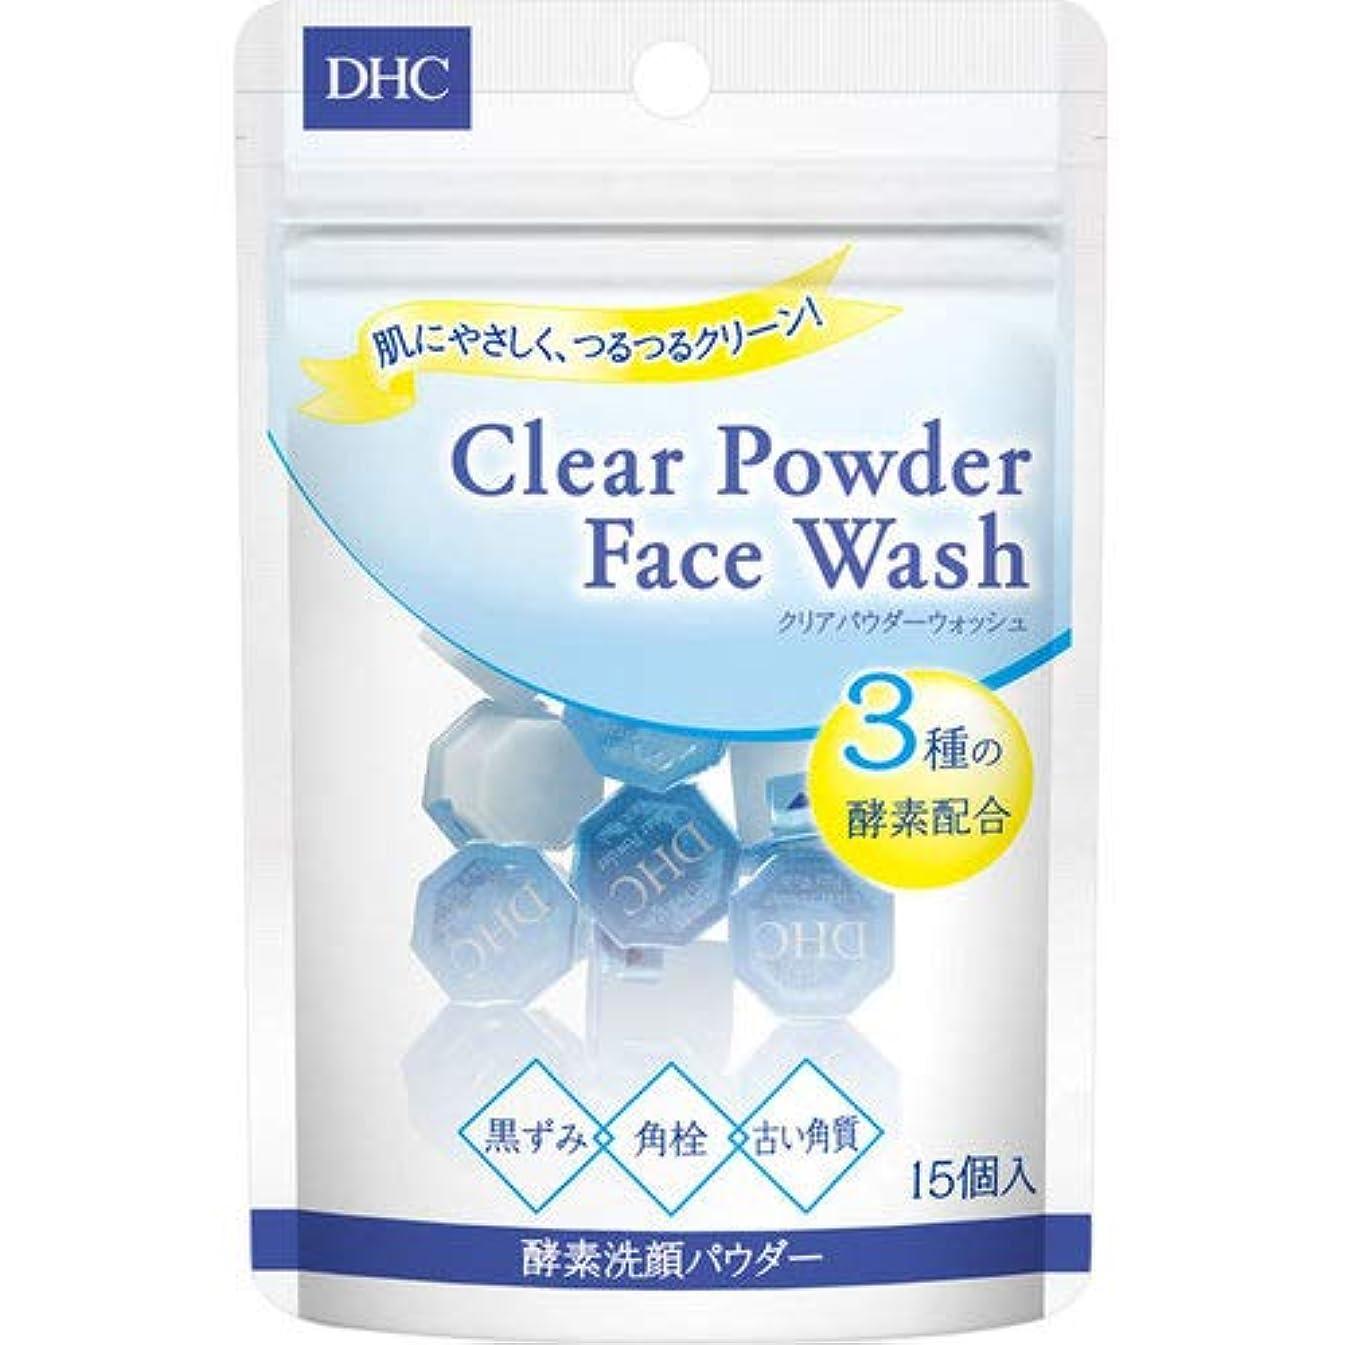 賛辞日常的に限界DHC クリアパウダーウォッシュ 0.4g×15個入 酵素洗顔パウダー